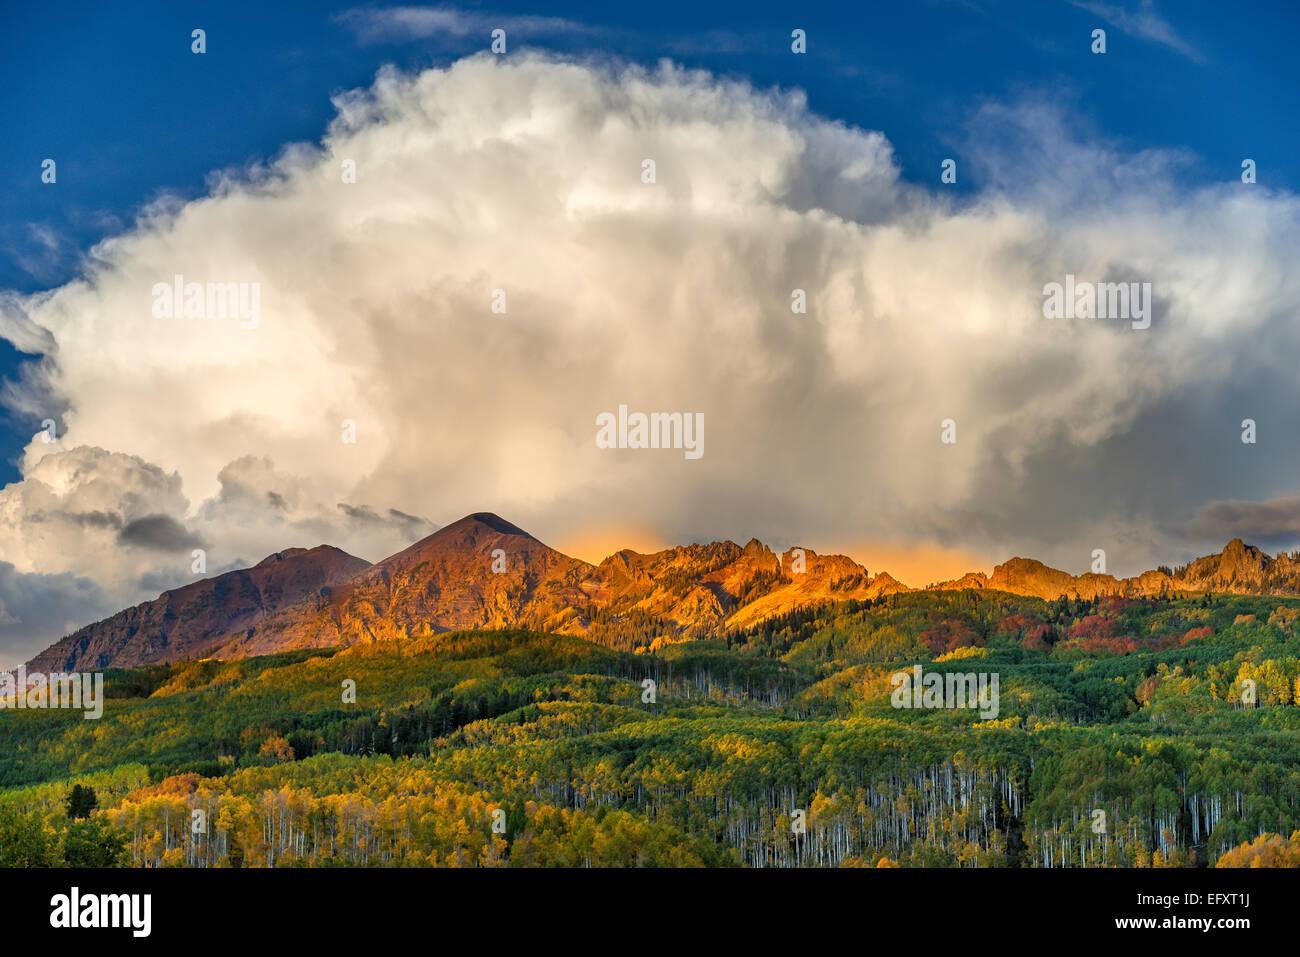 La Forêt Nationale de Gunnison, CO: volutes nuages sur la chaîne Ruby au début de l'automne Photo Stock